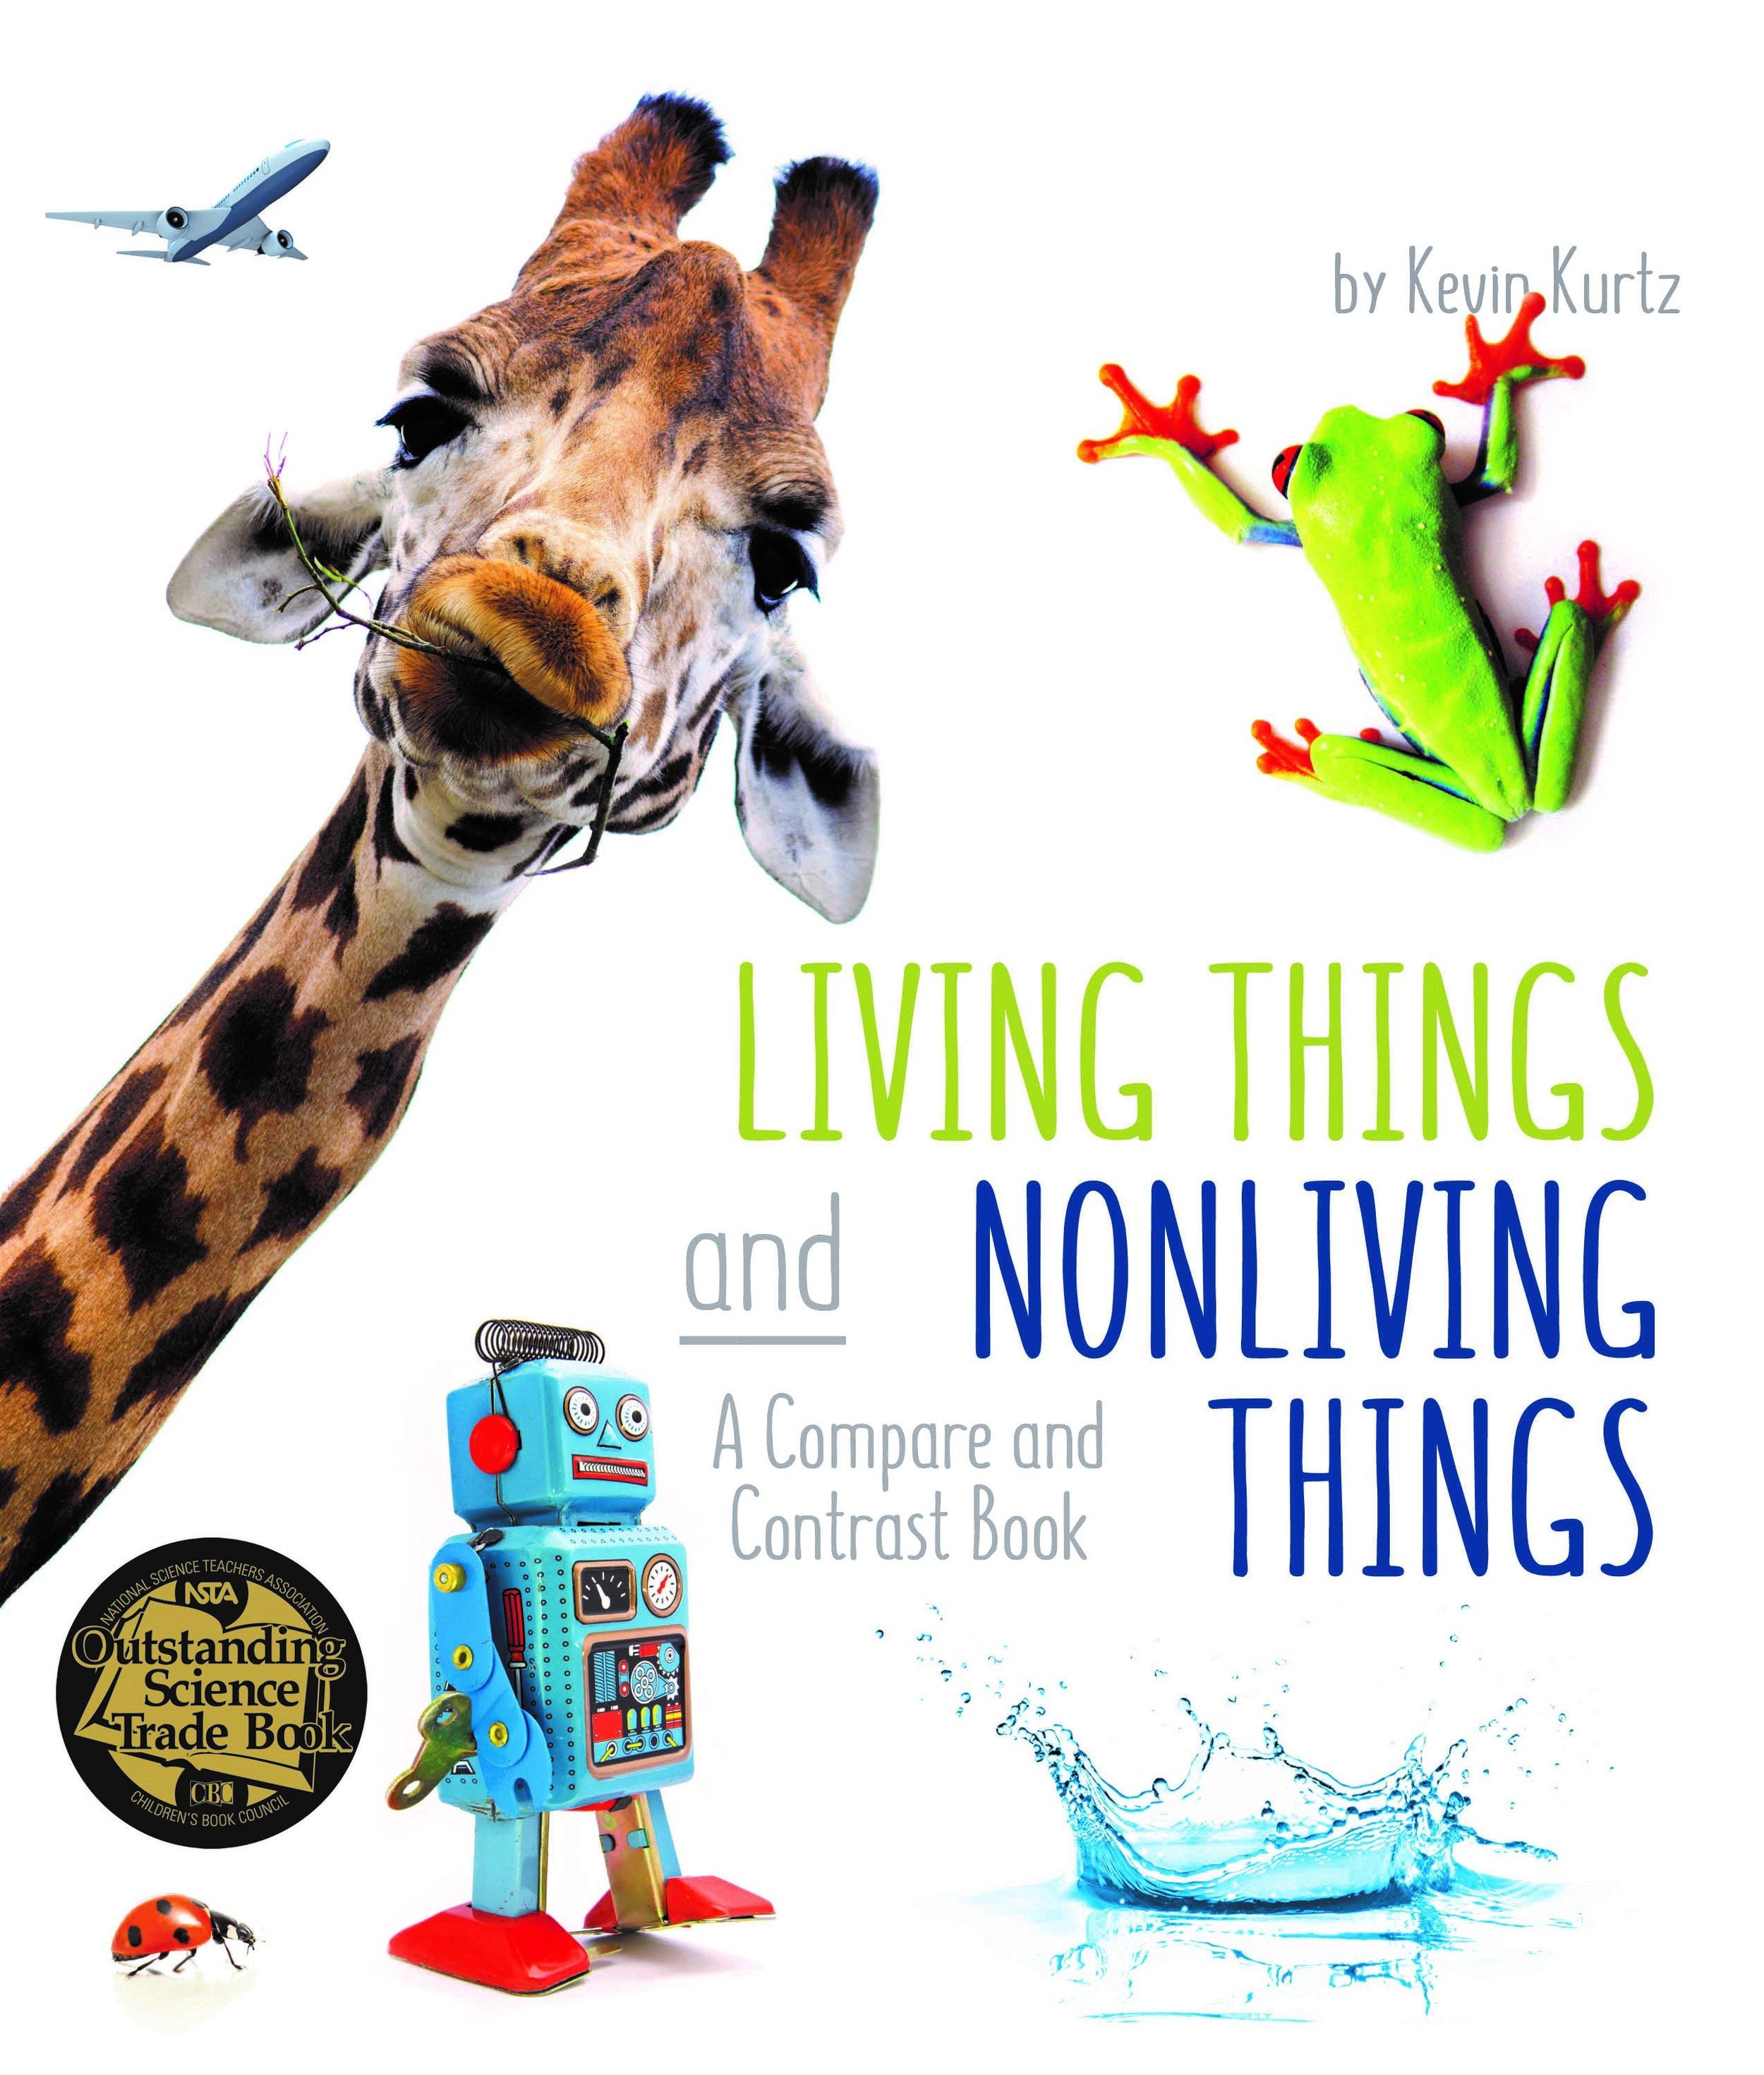 livingthingsnonlivingthings.jpg